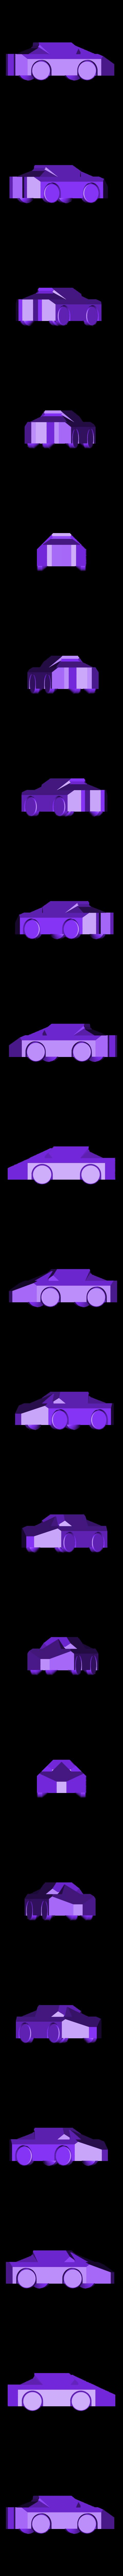 PIP_Car.stl Télécharger fichier STL gratuit Petite voiture à imprimer en 3D • Plan à imprimer en 3D, ChaosCoreTech